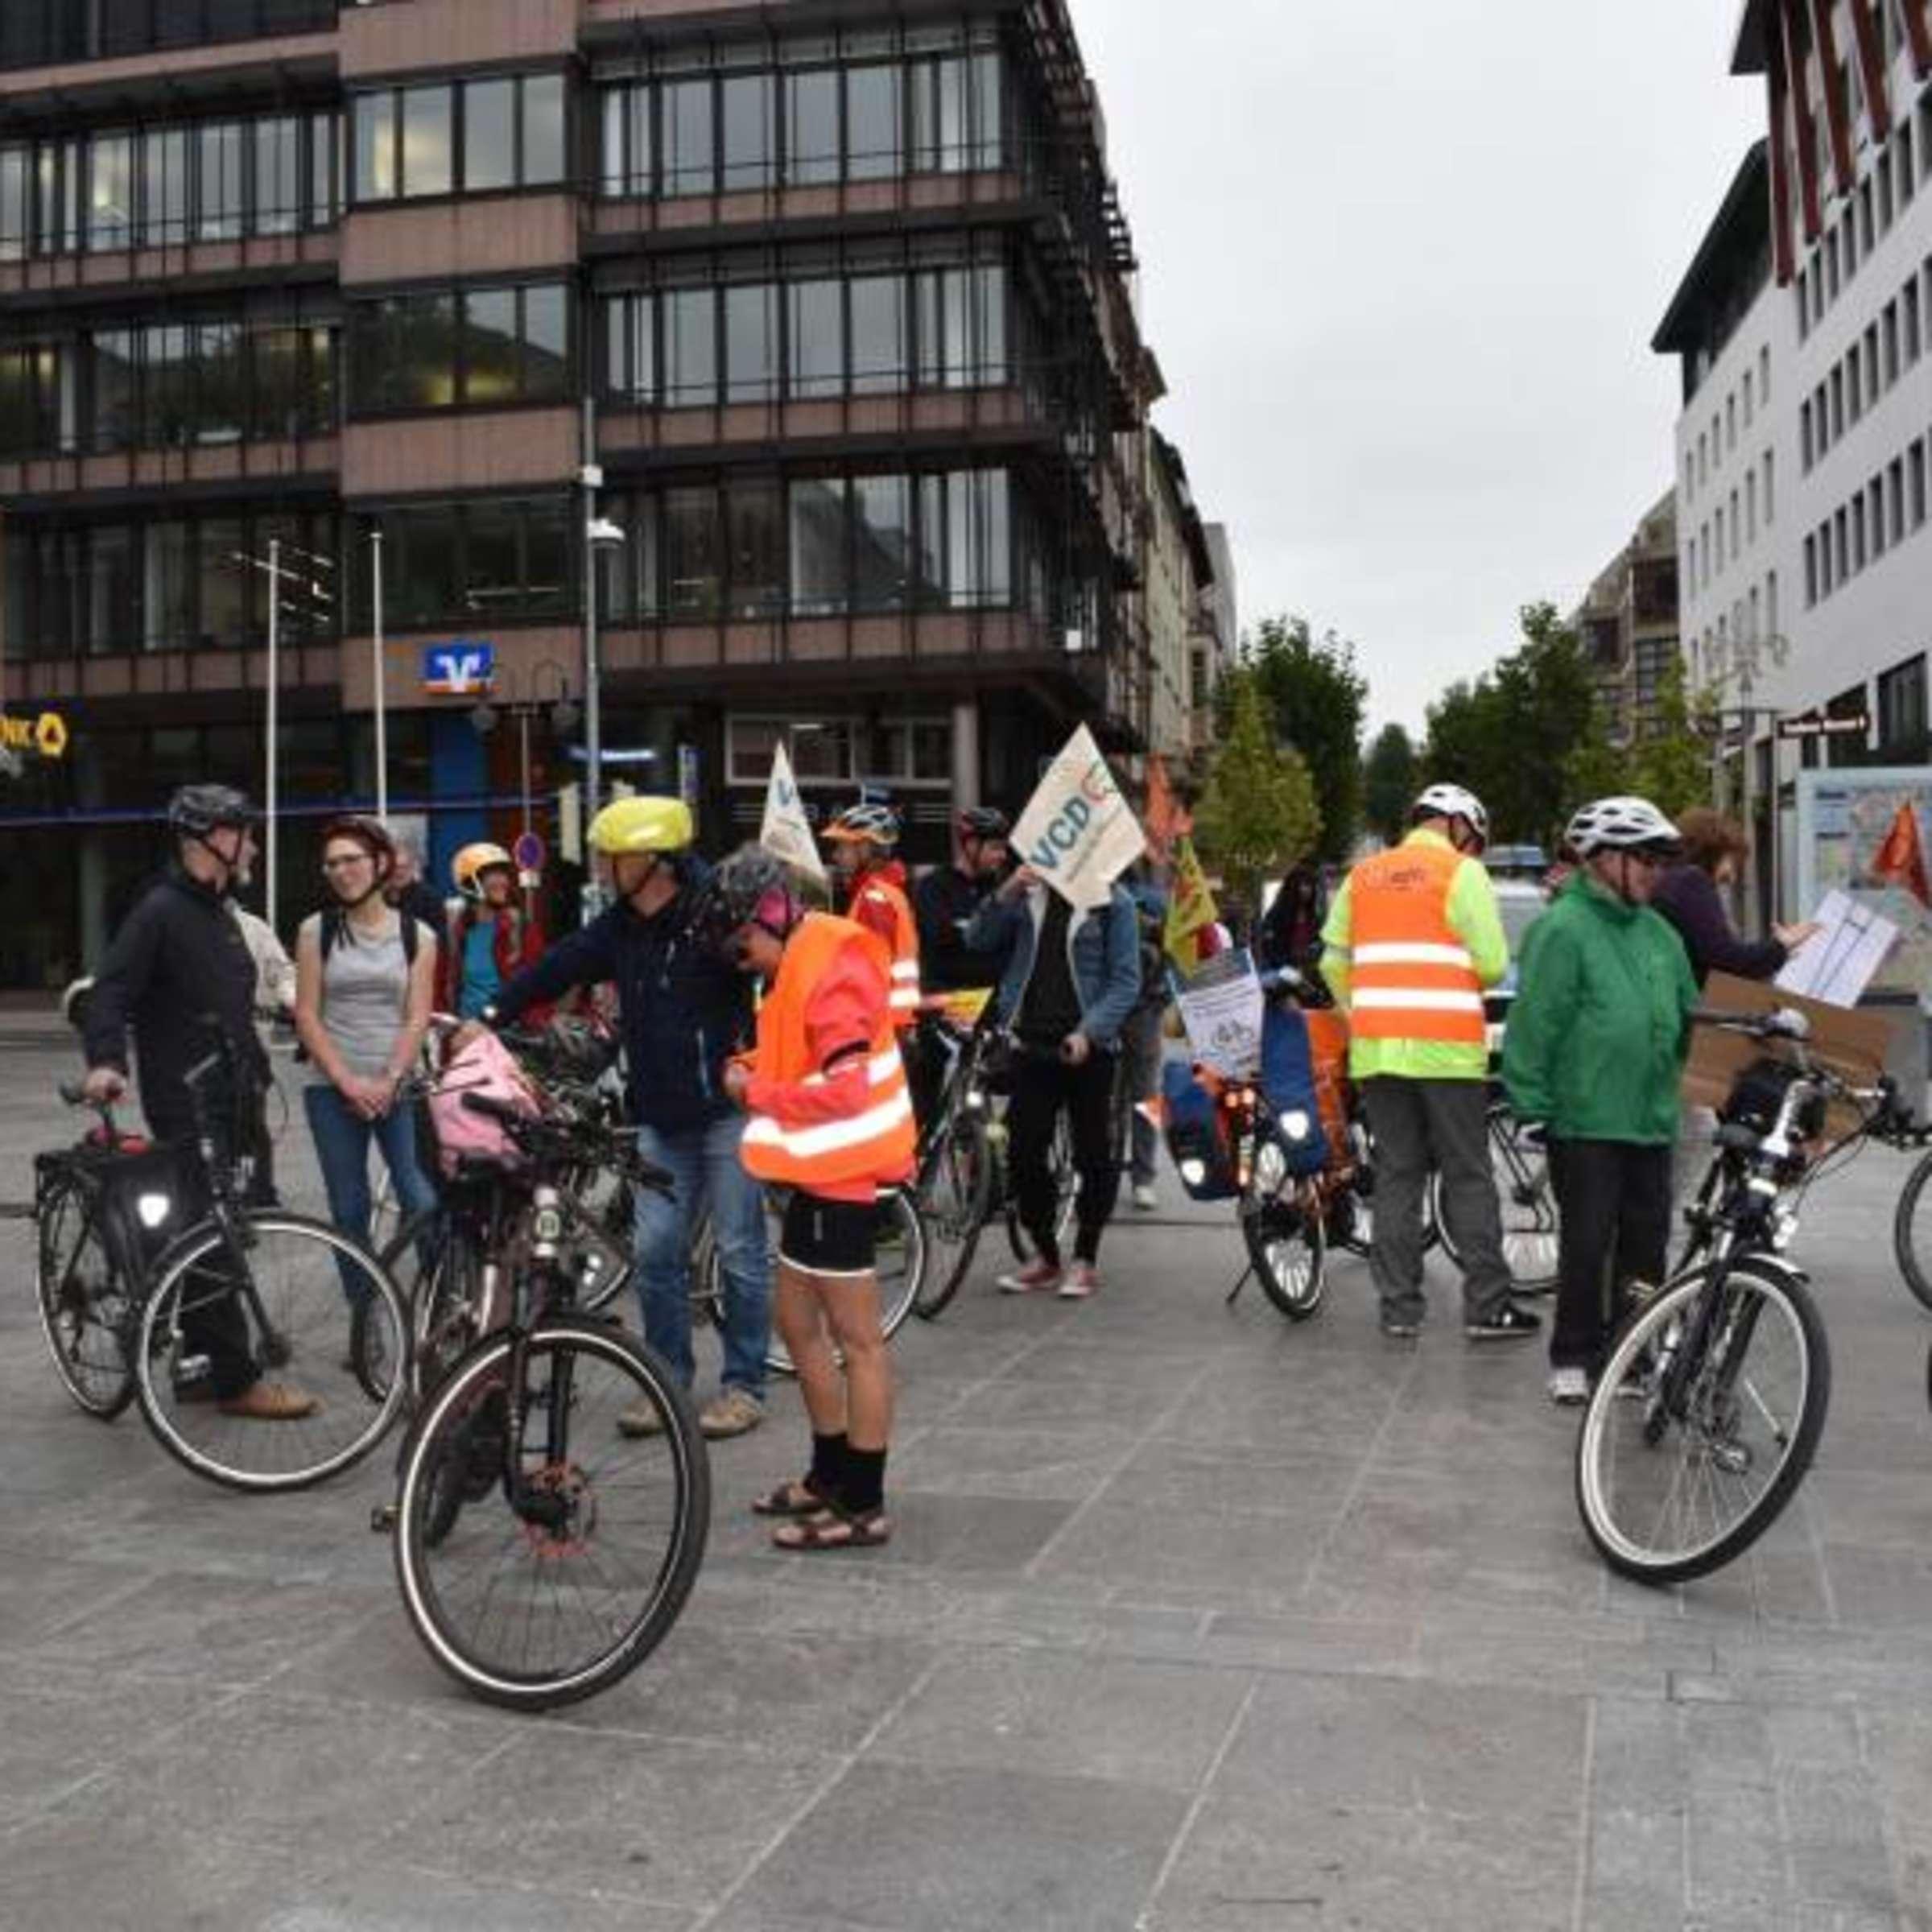 Bildergalerie 25 Fuldaer Fahren Aus Protest Mit Dem Rad Zur Iaa Fulda